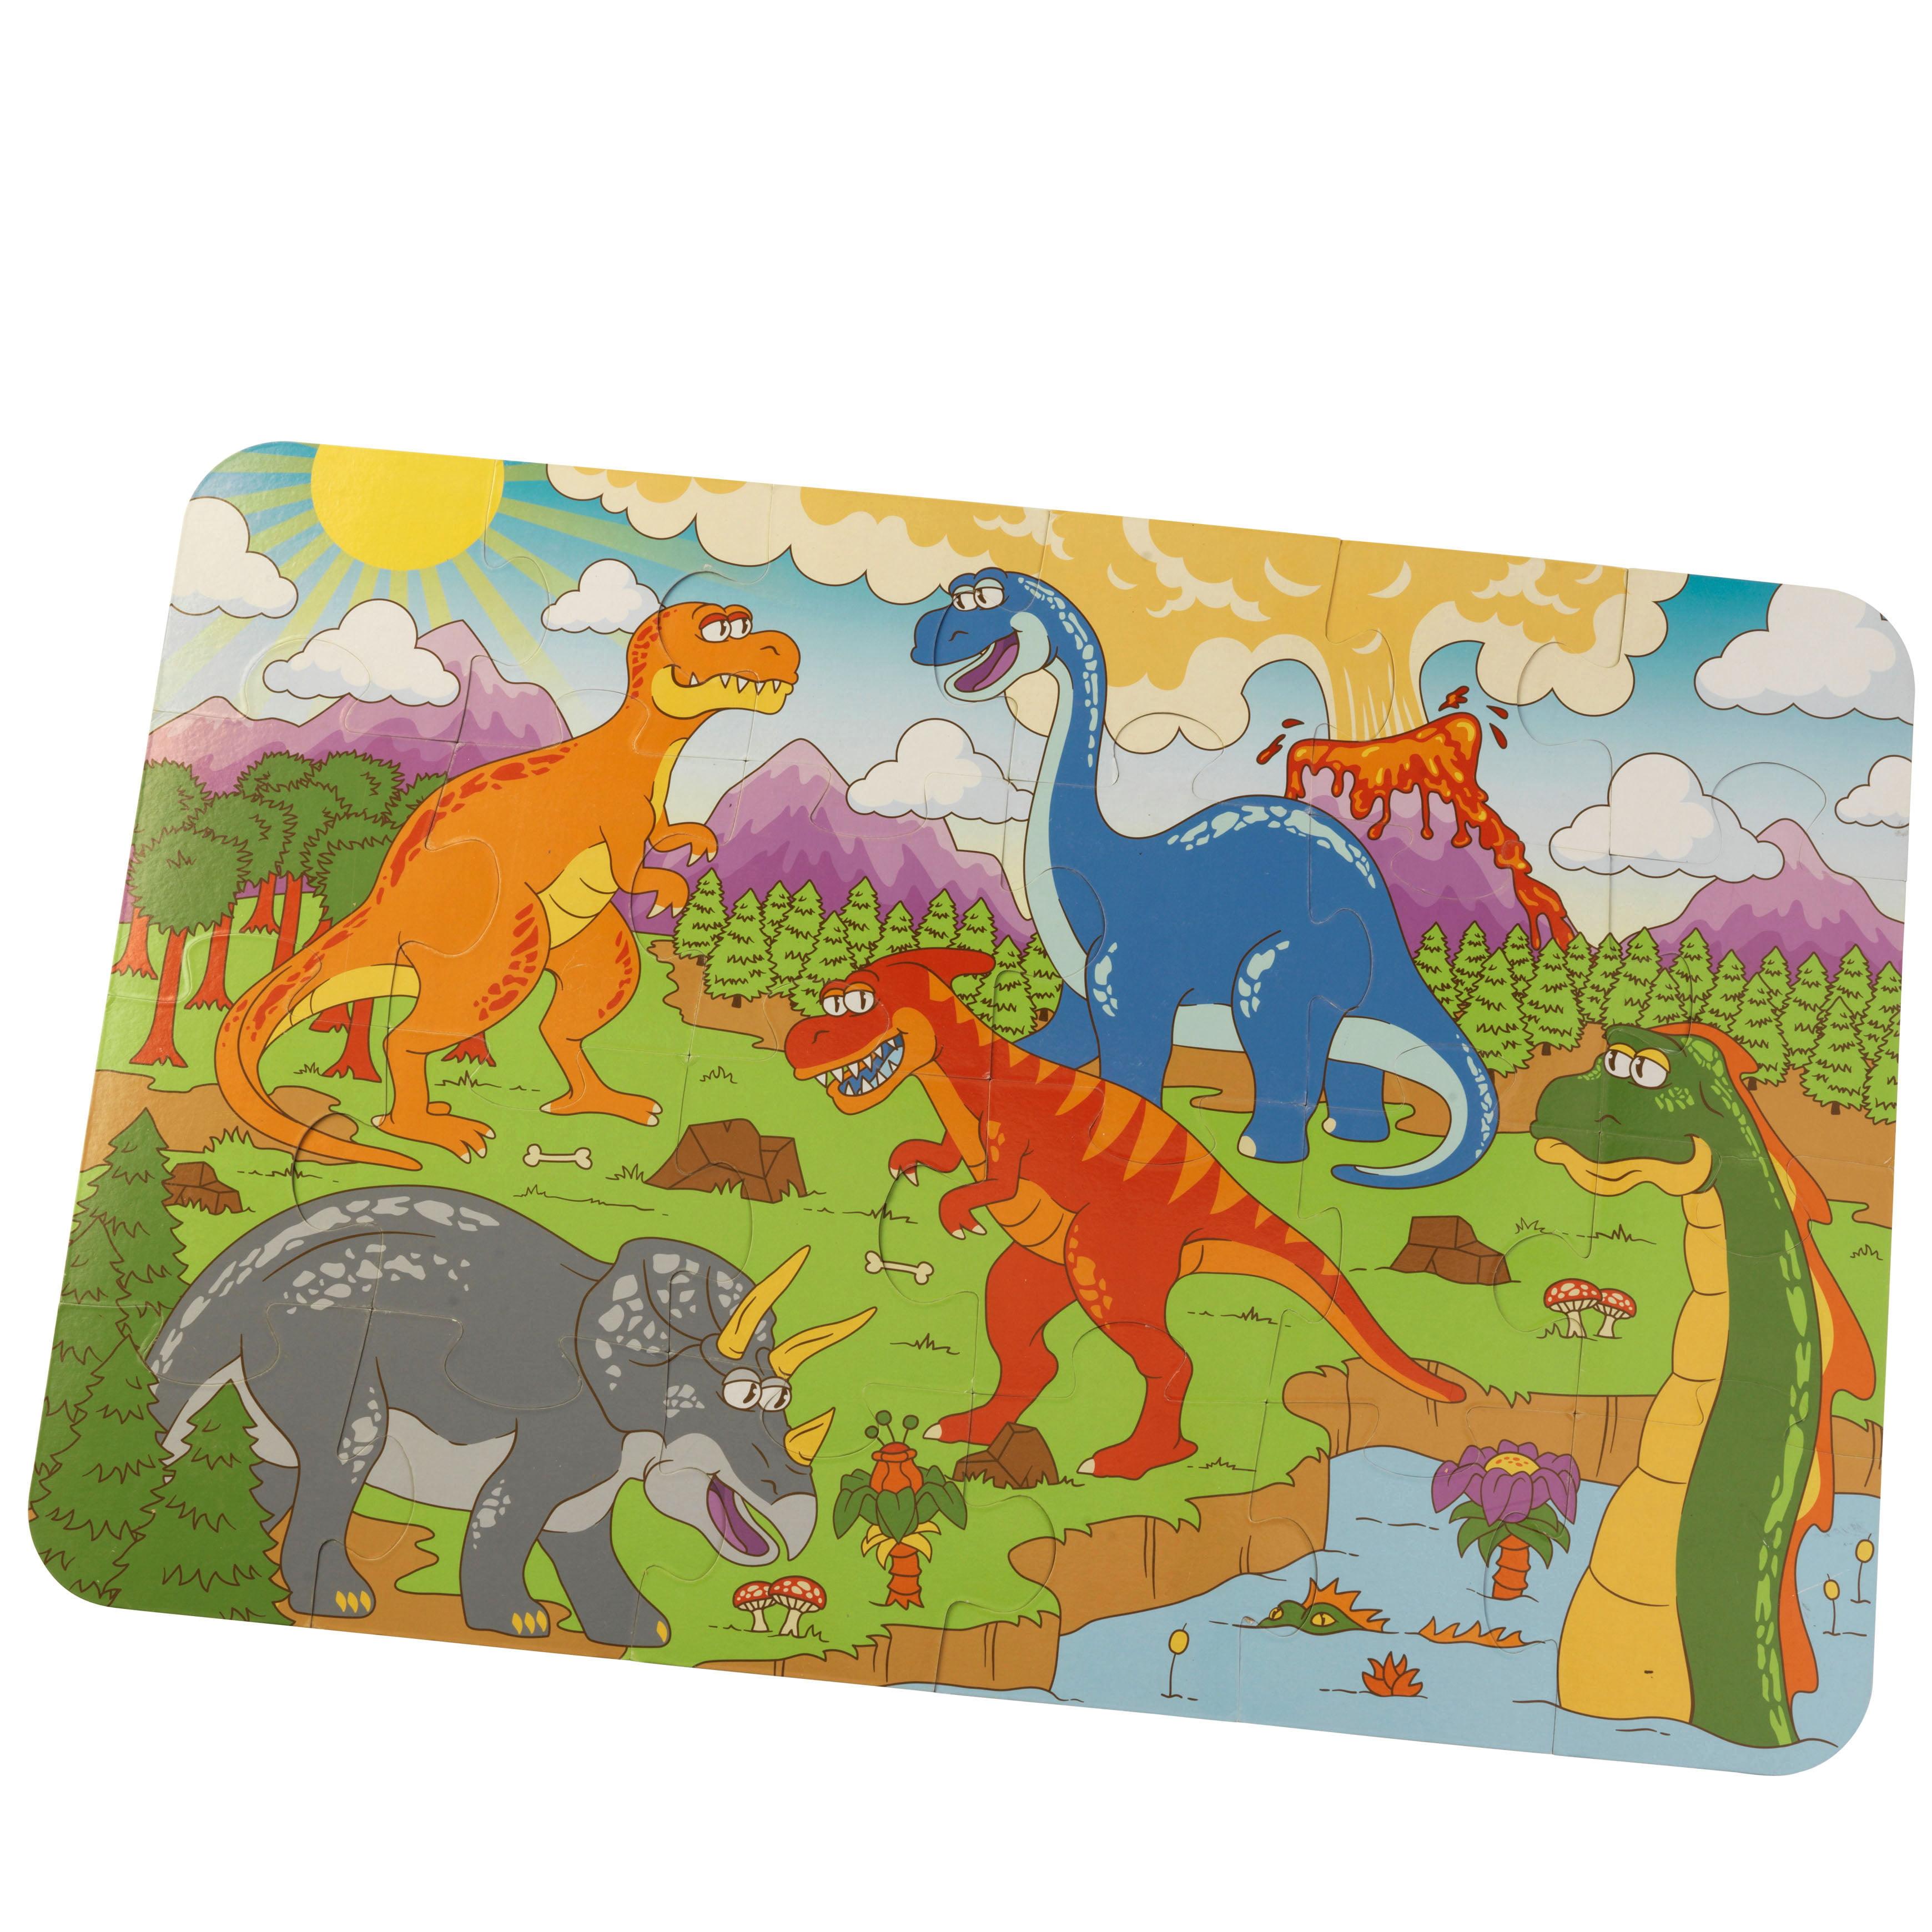 KidKraft Floor Puzzles Dinosaur by KidKraft, Inc.